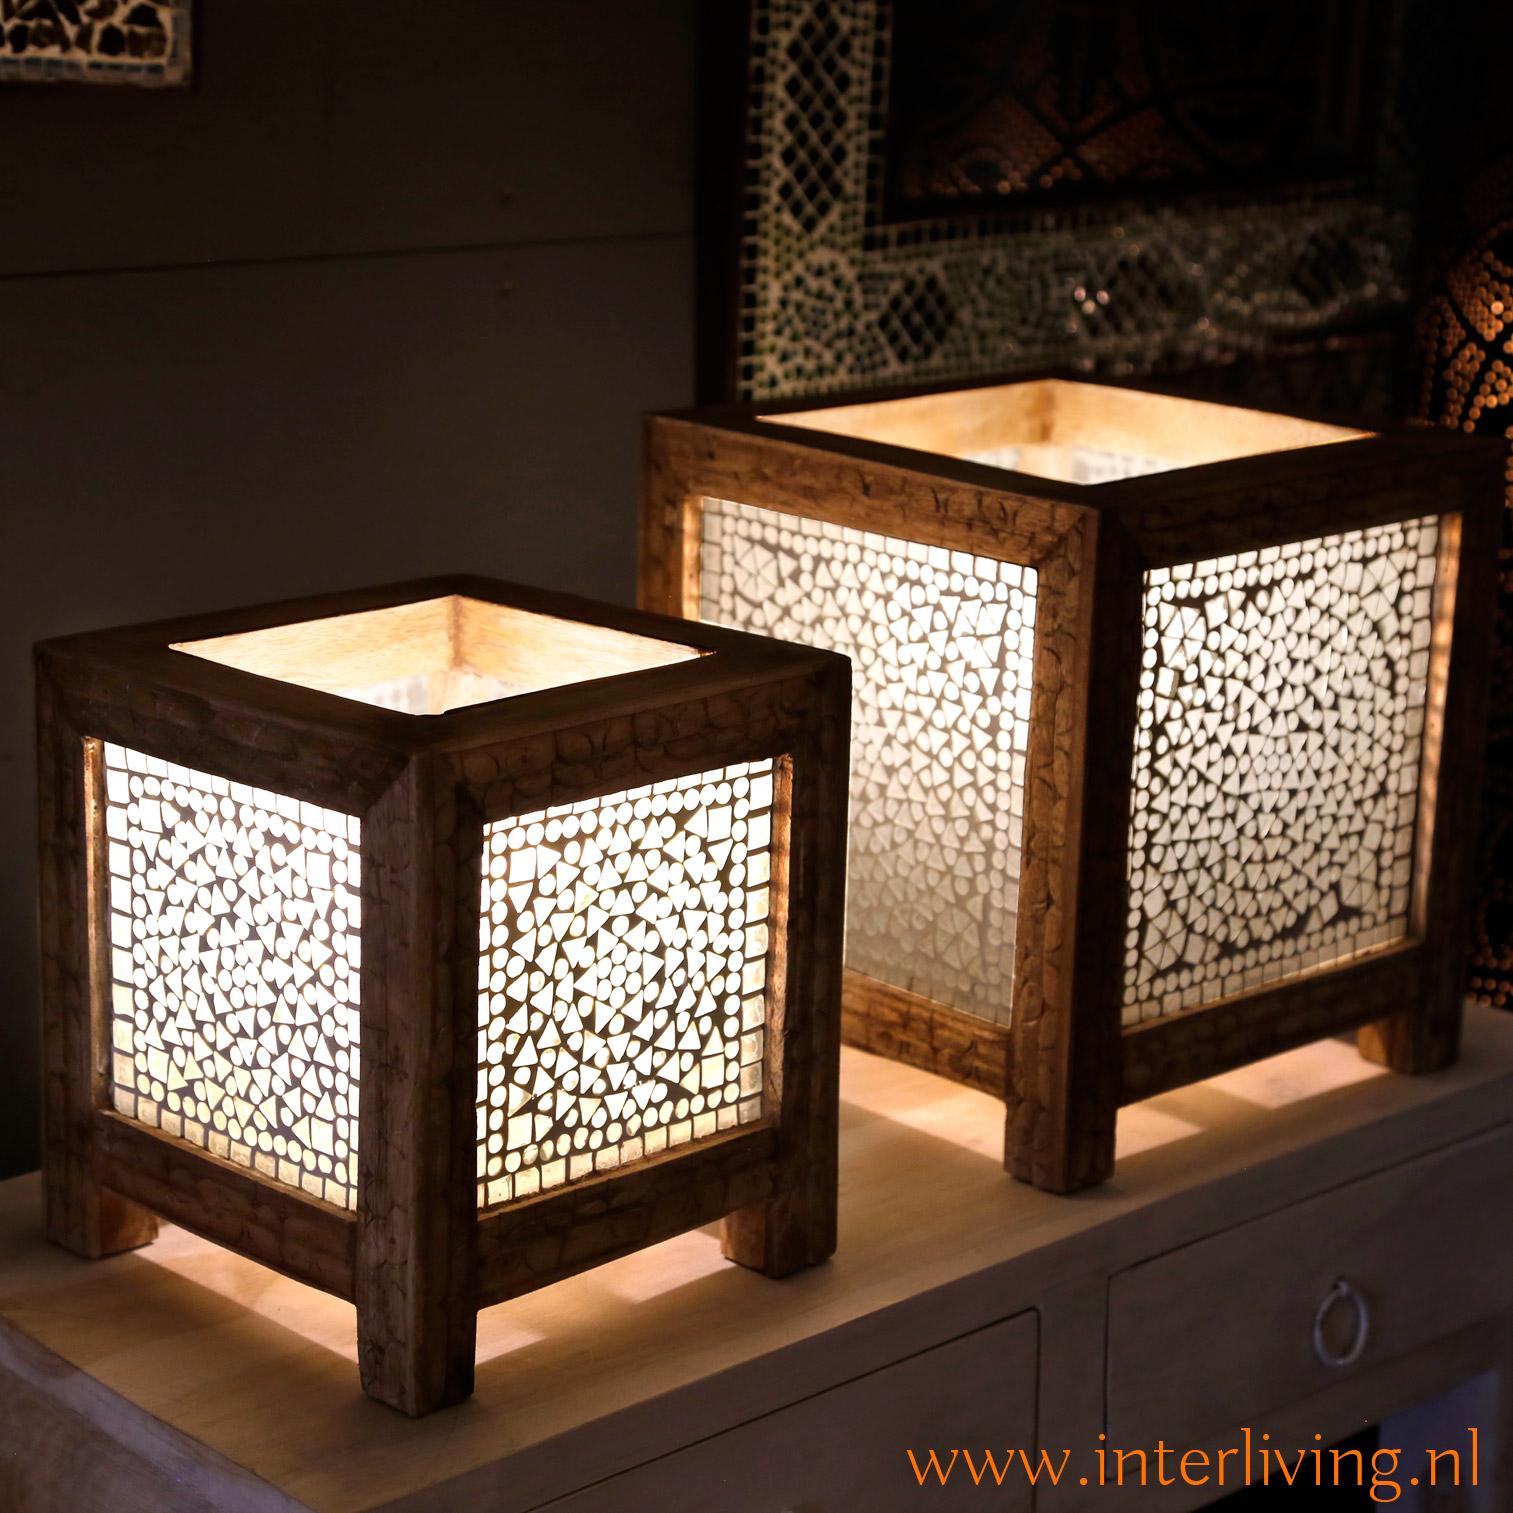 oosterse tafellamp - boho stijl - wit met naturel hout - styling voor Ibiza huis